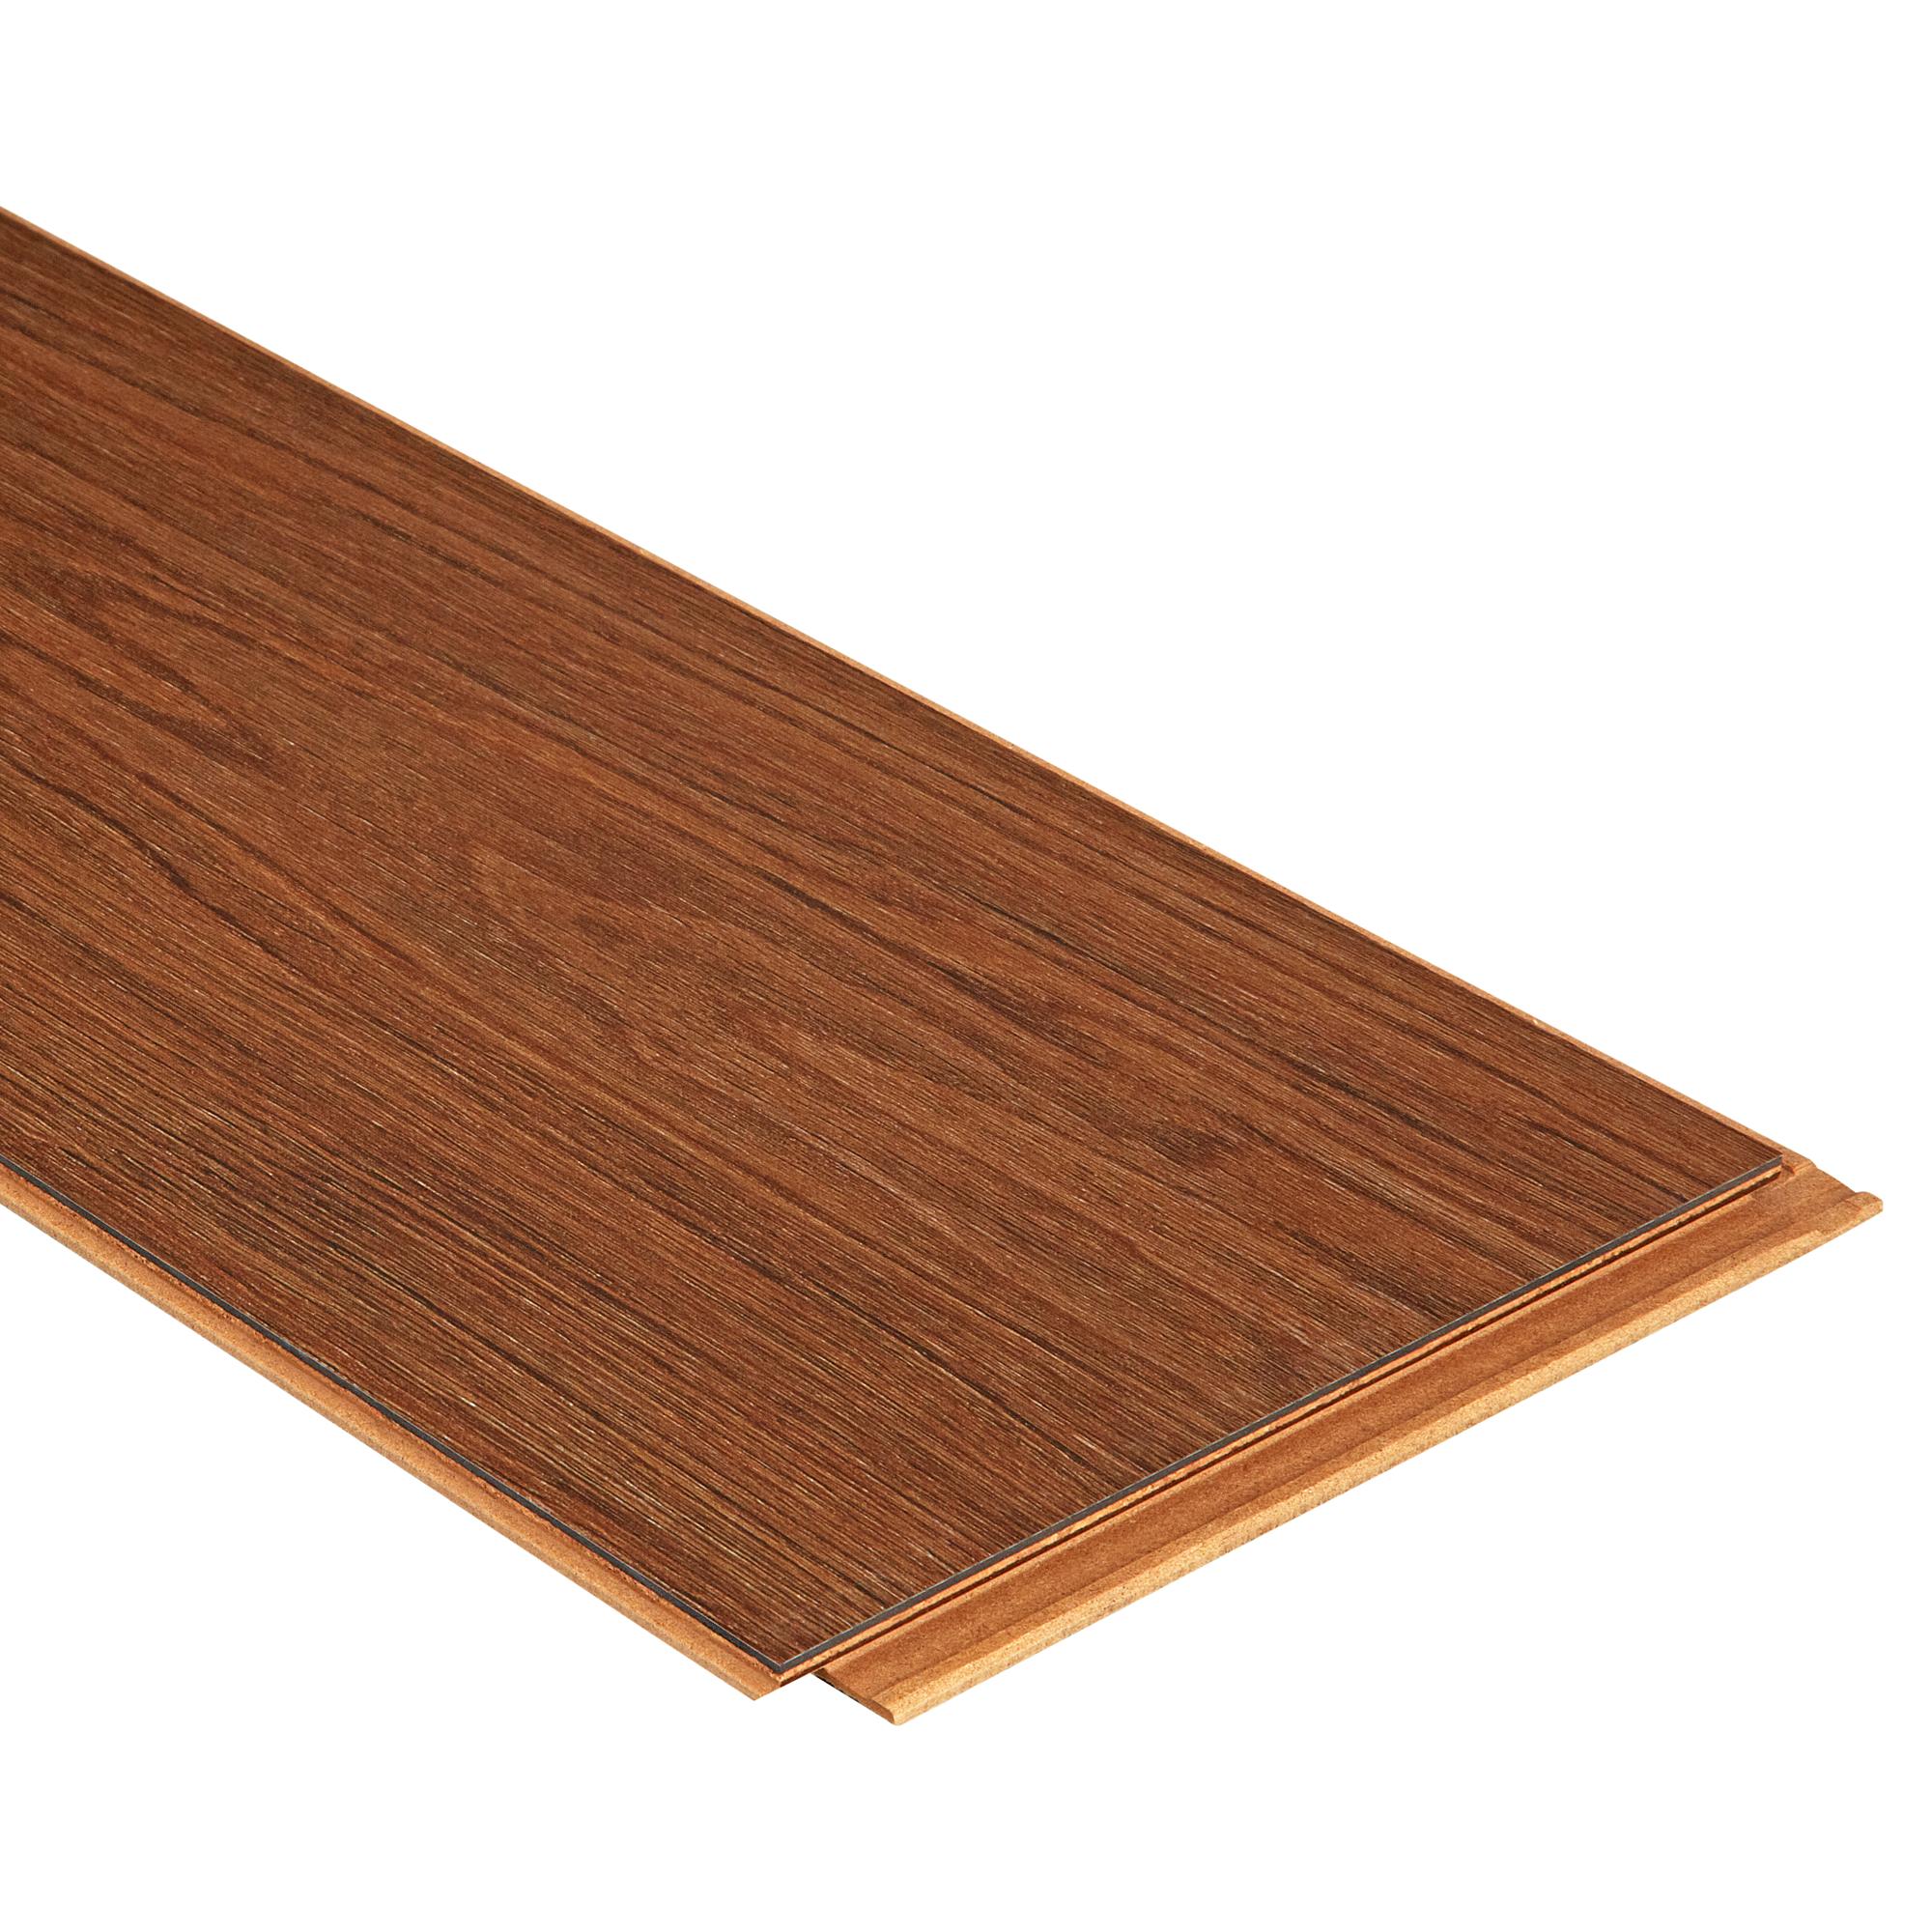 Vinyl Fussbodenbelag Decolife 1220 X 185 X 10 6 Mm Russet Oak ǀ